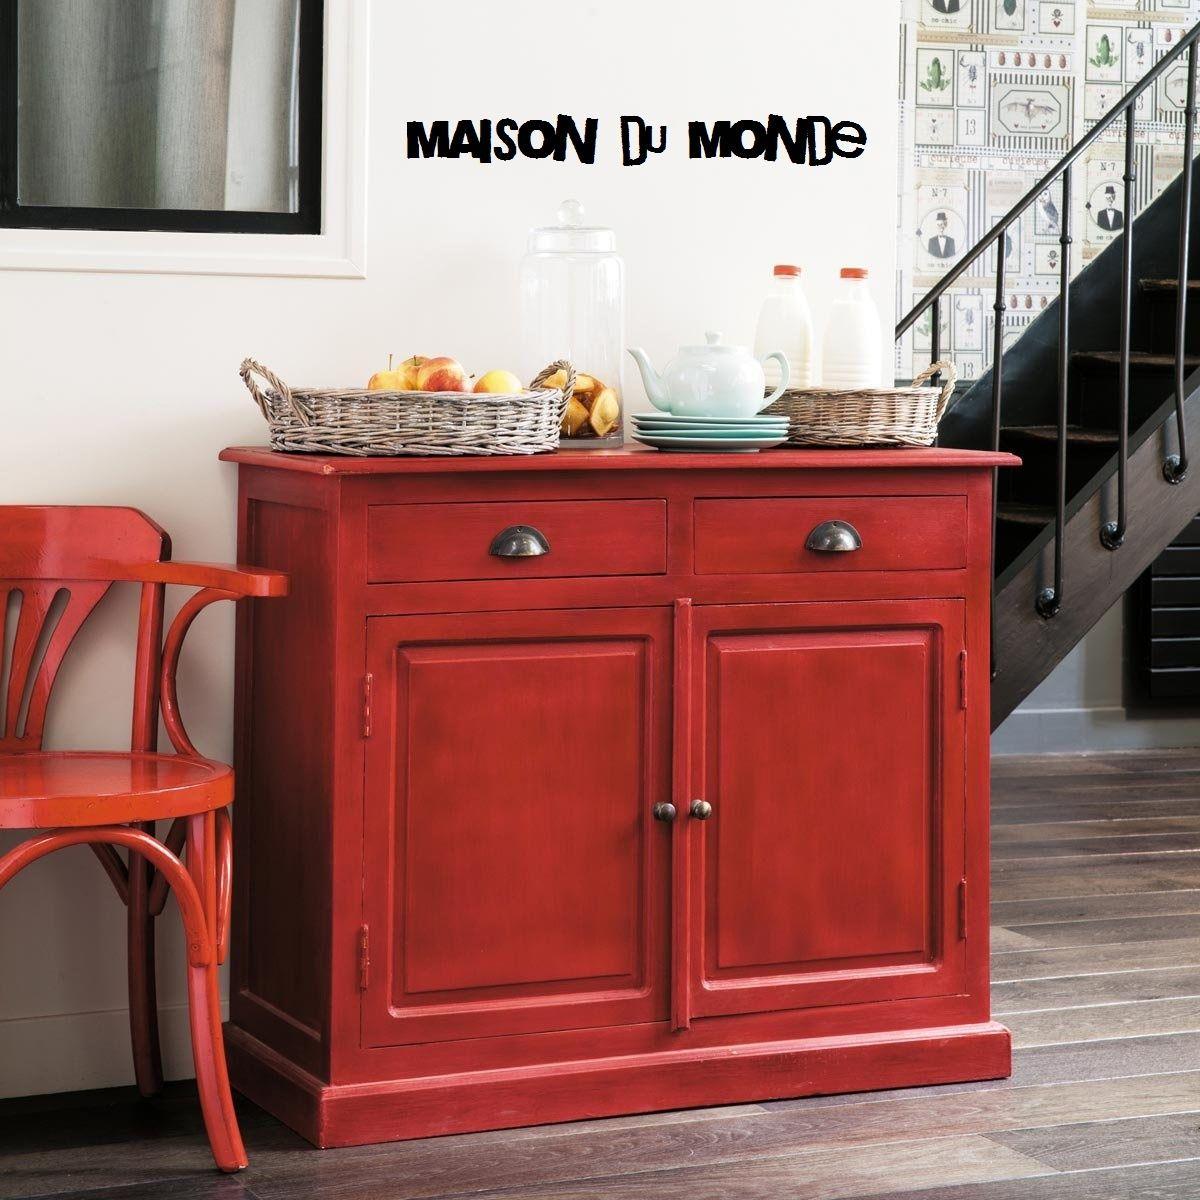 Buffet Rouge Gascogne Maison Du Monde Atelier Meuble Indus Mobilier De Salon Decoration Cuisine Idees De Meubles